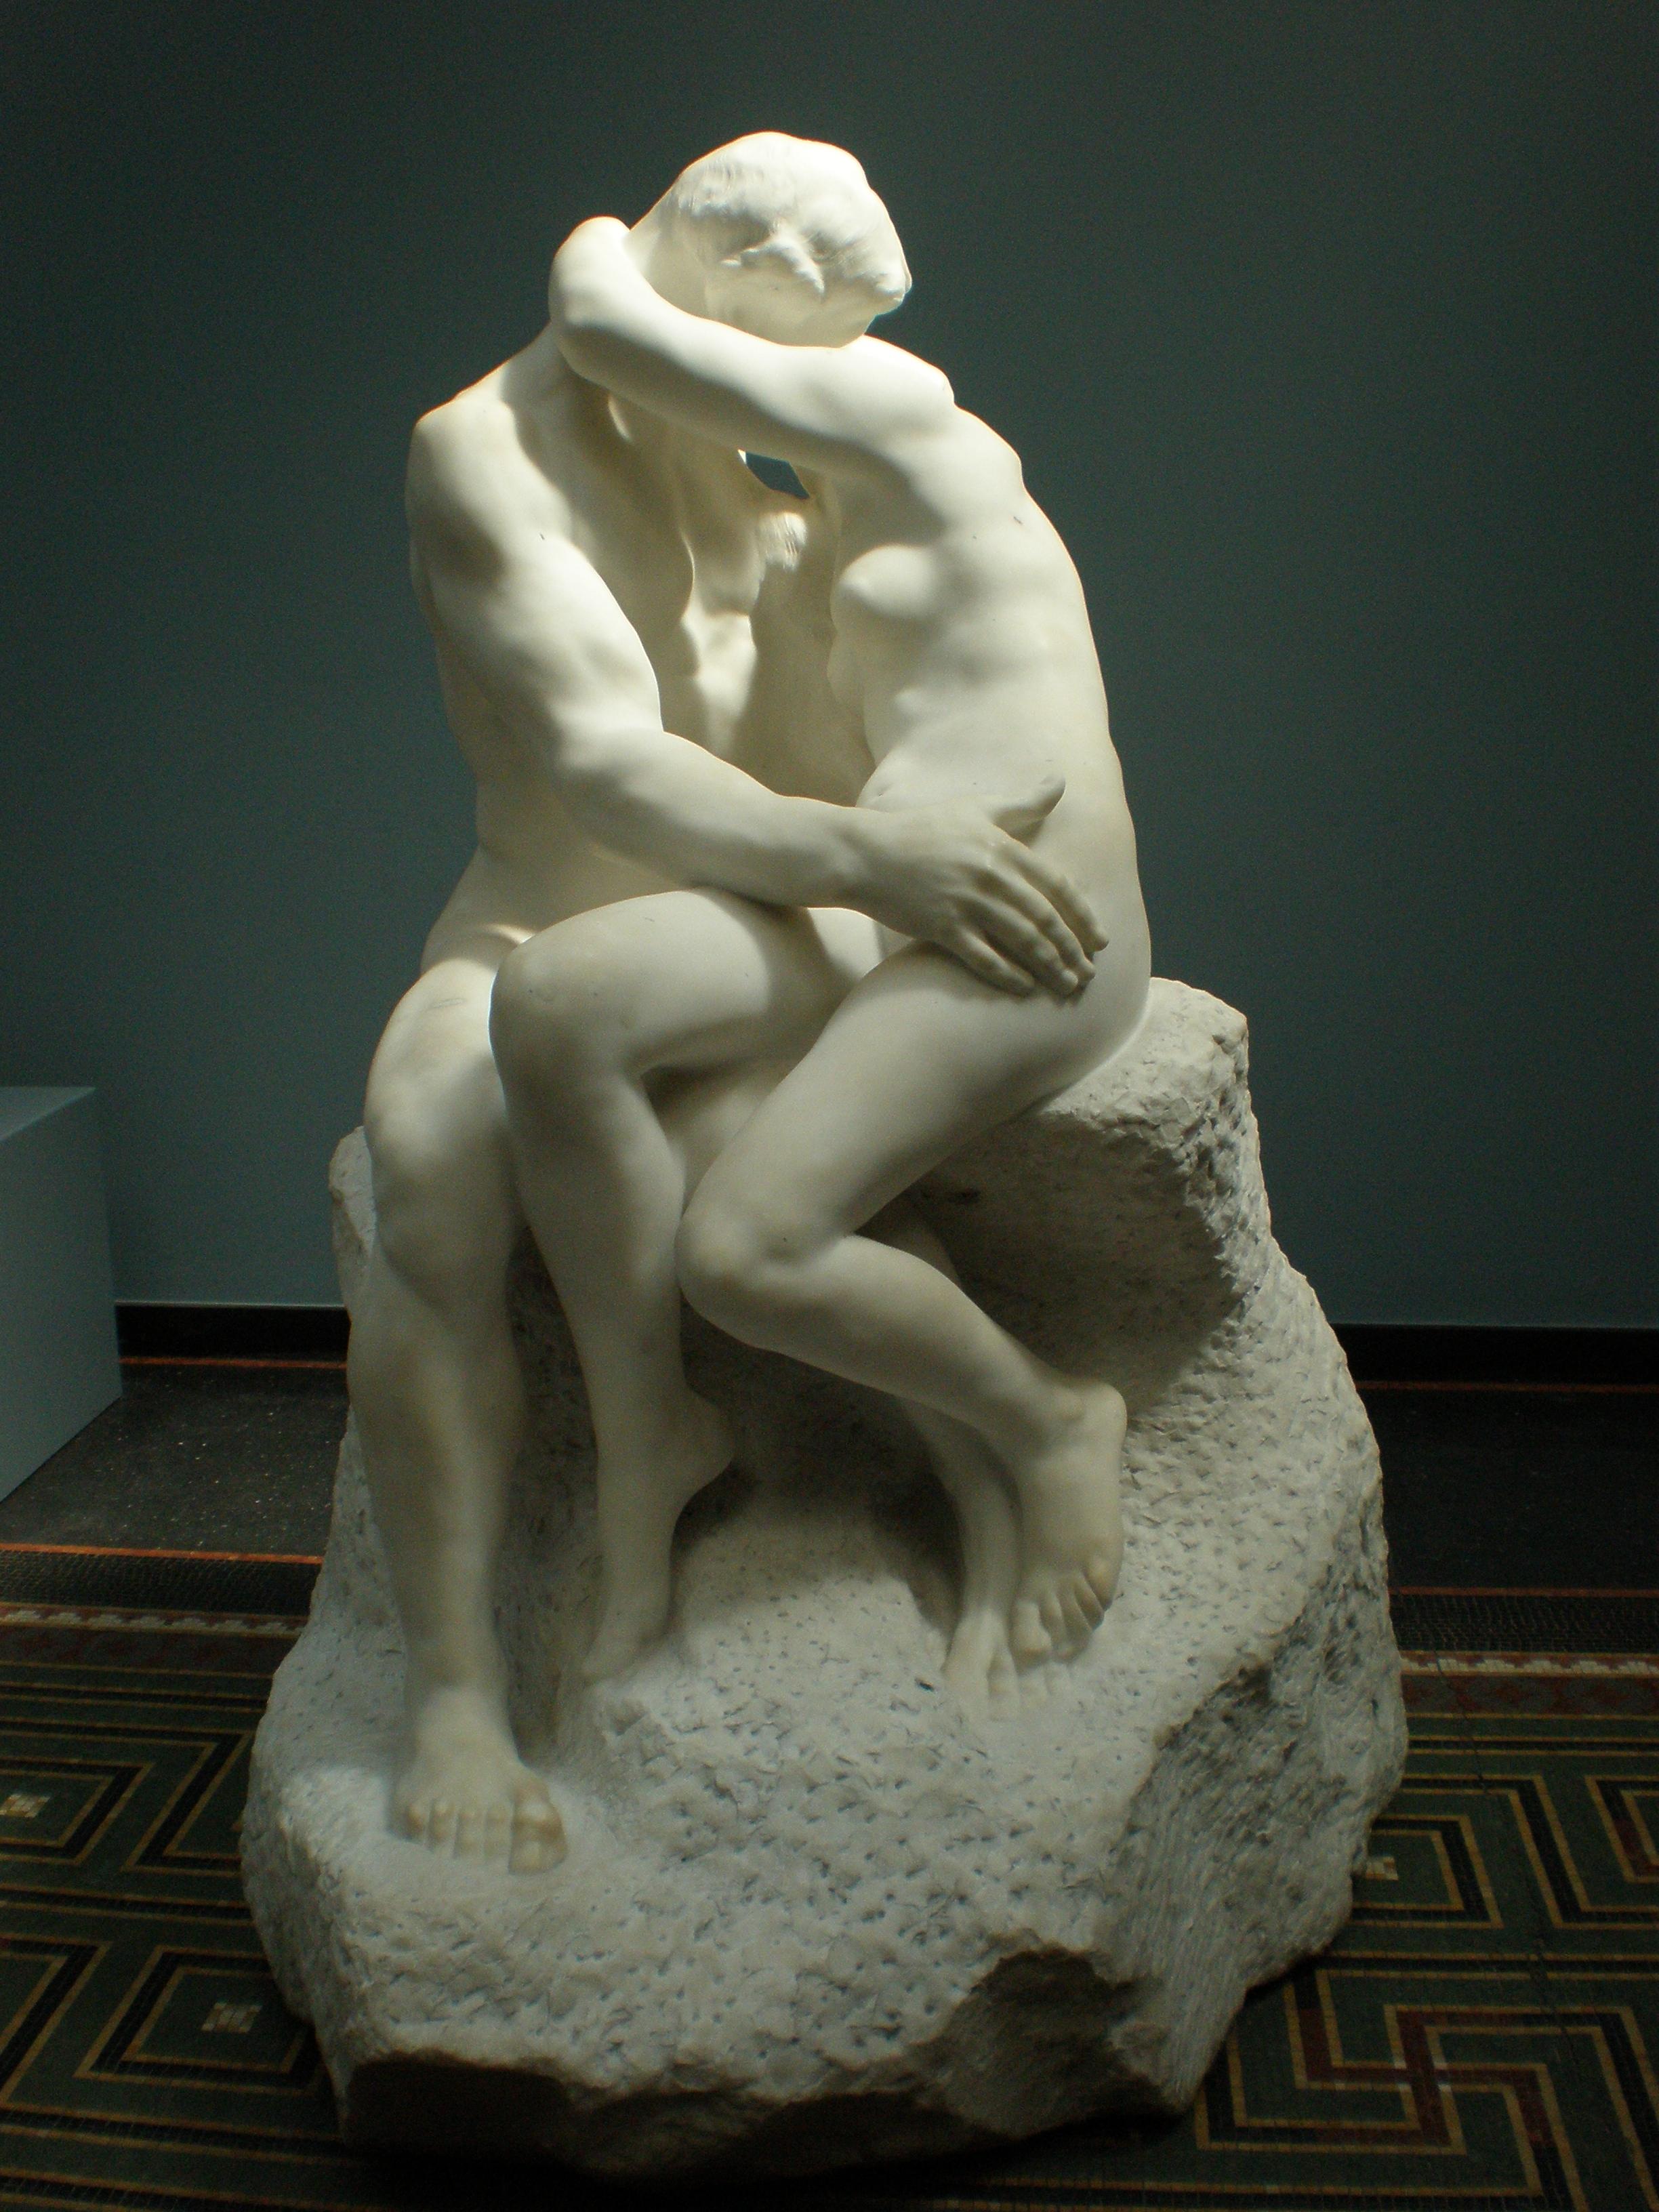 Arte de Auguste Rodin